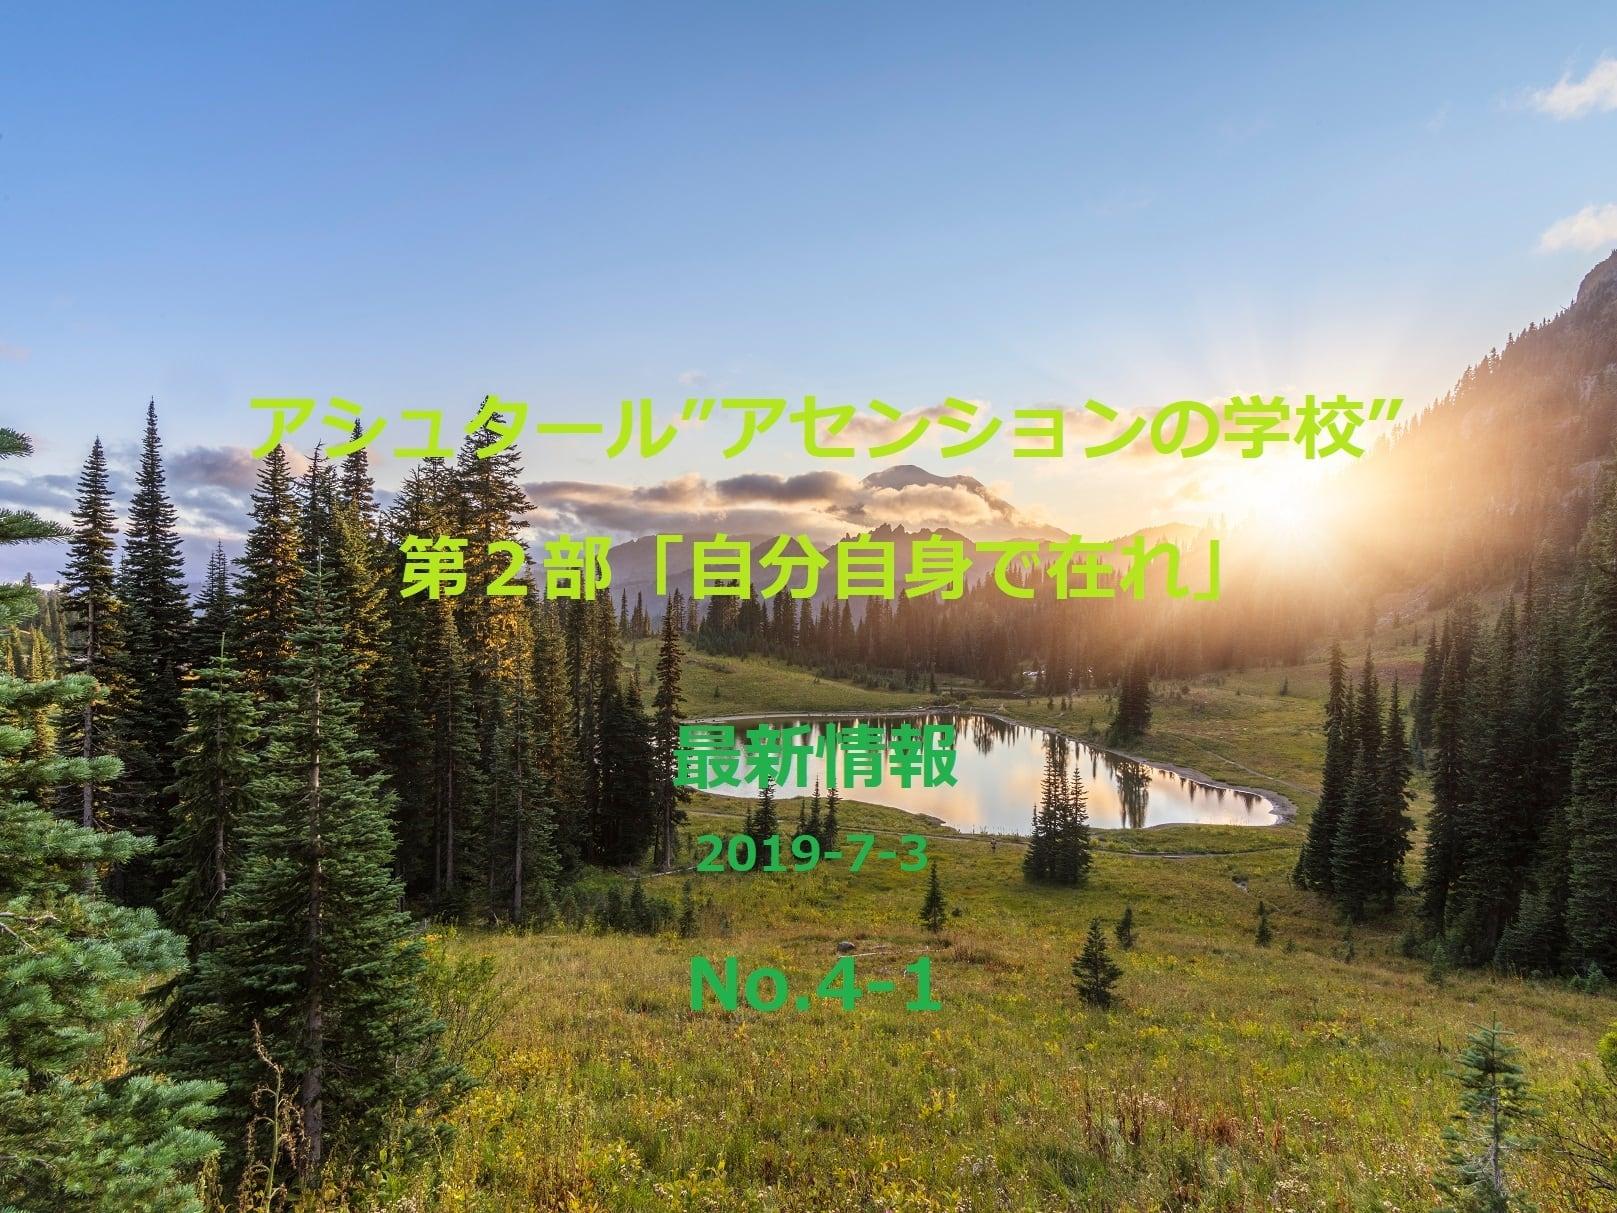 アシュタール最新情報No.4-1(2019-7-3)